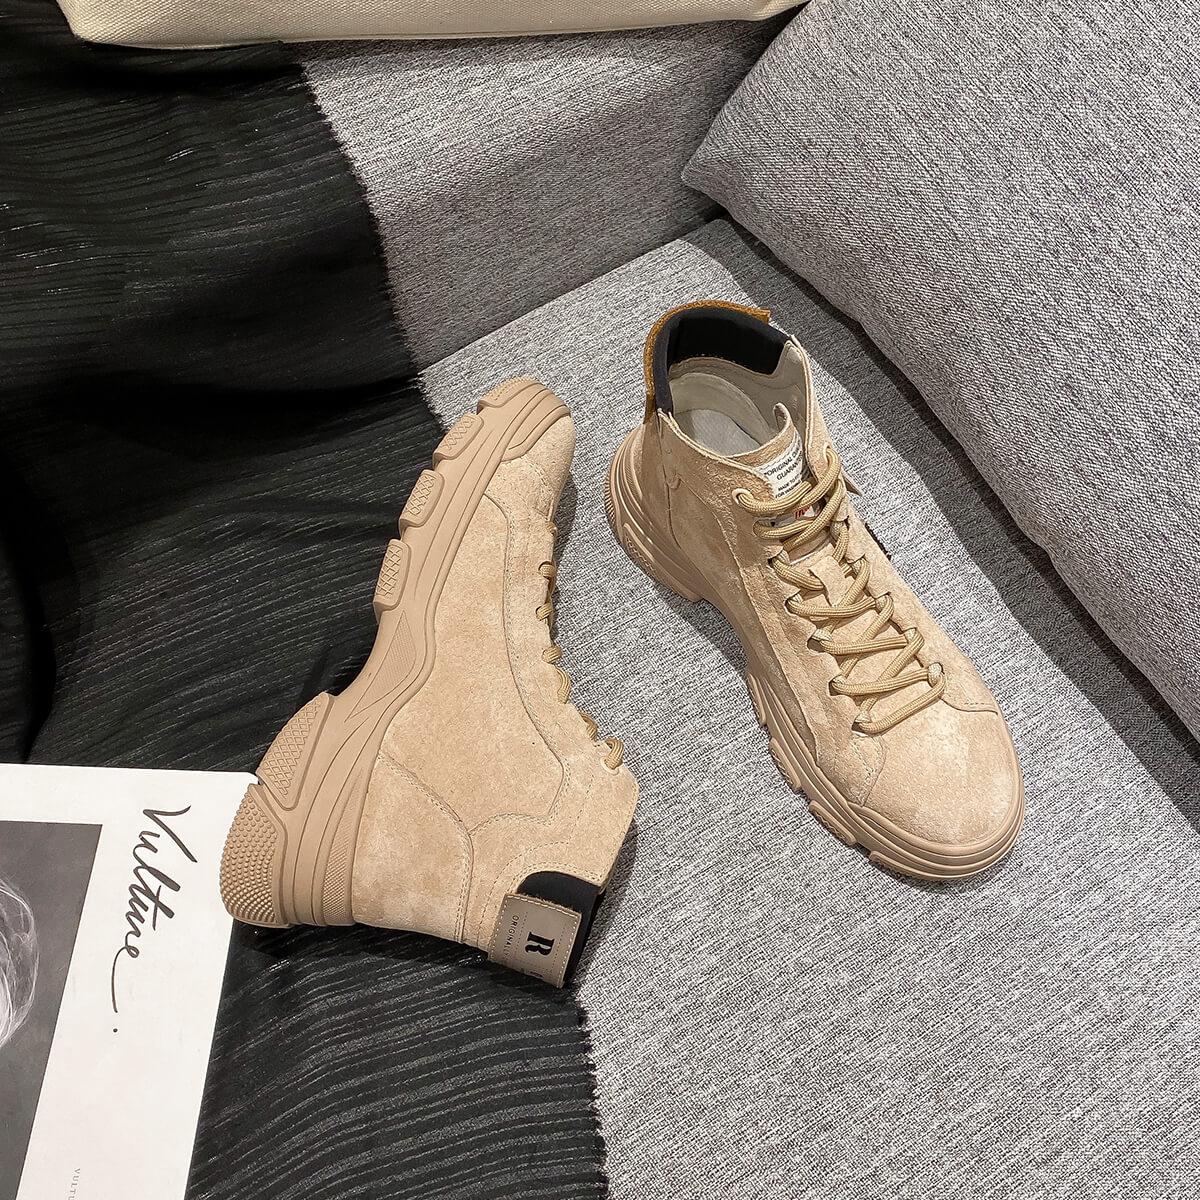 艾斯臣2019秋冬新款女鞋短靴松糕厚底英伦风马丁靴加绒保暖休闲靴A19320818-KQI